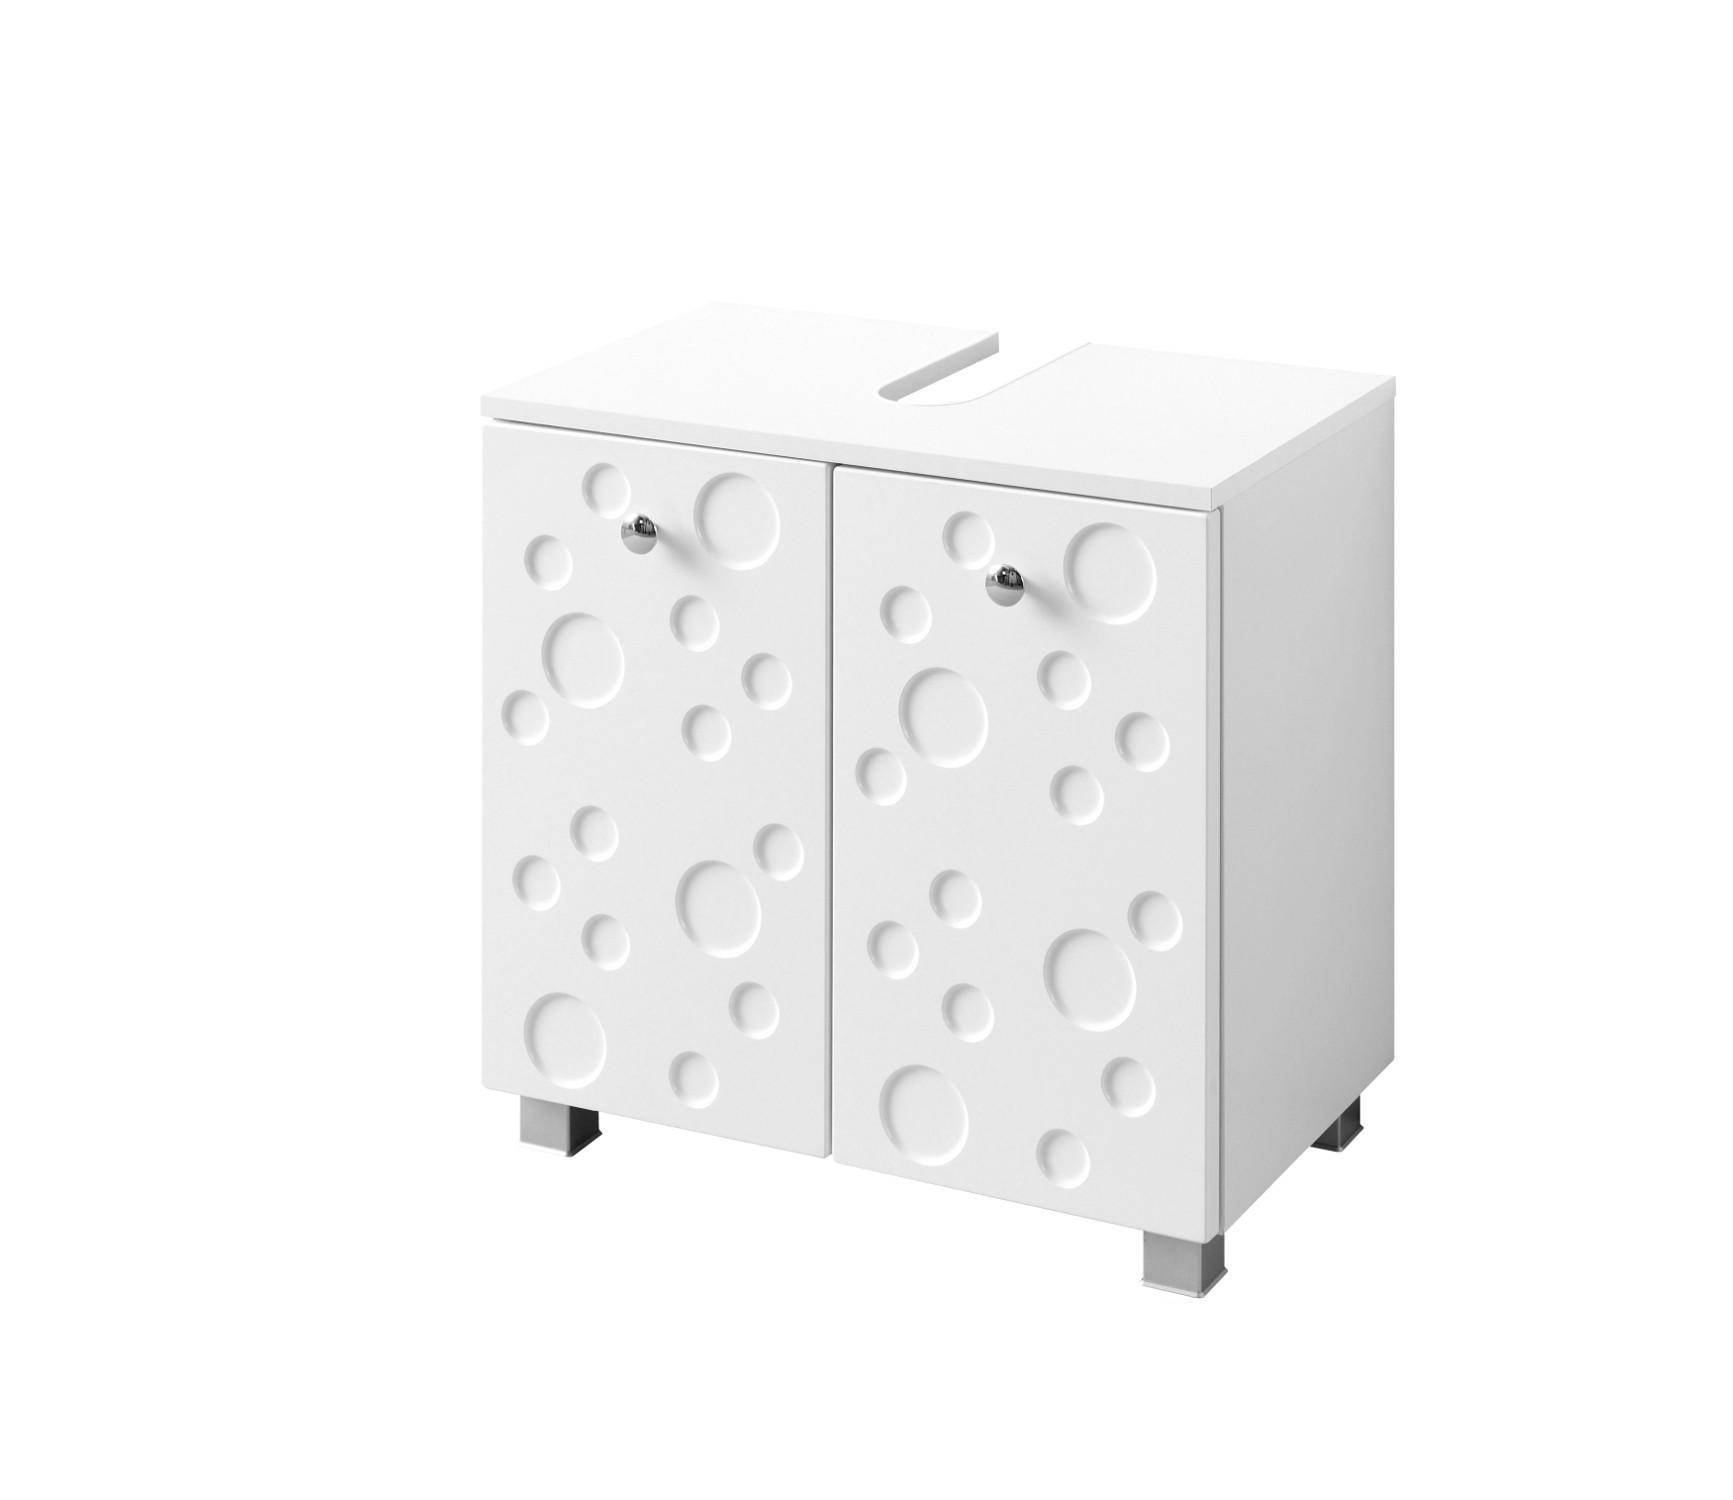 bad waschbeckenunterschrank bubble 2 t ren 60 cm breit. Black Bedroom Furniture Sets. Home Design Ideas